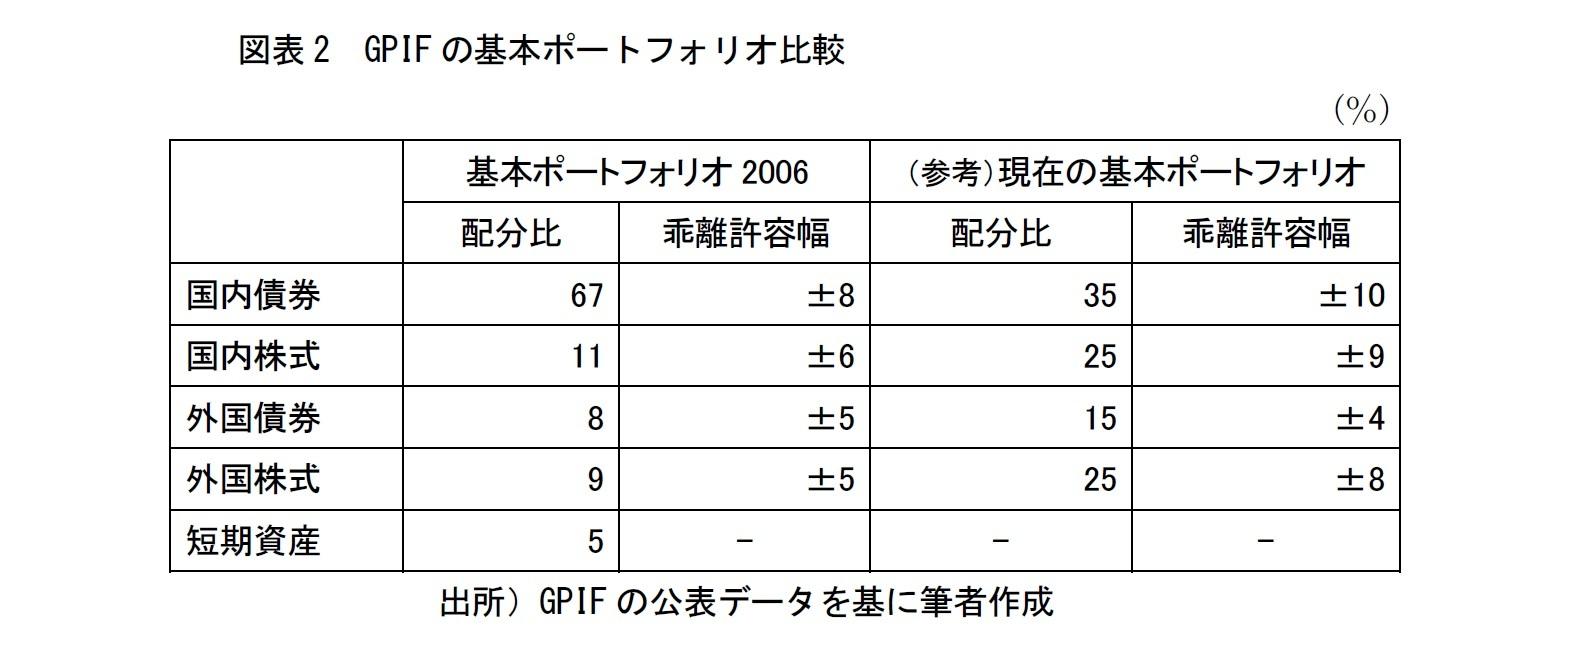 図表2 GPIFの基本ポートフォリオ比較